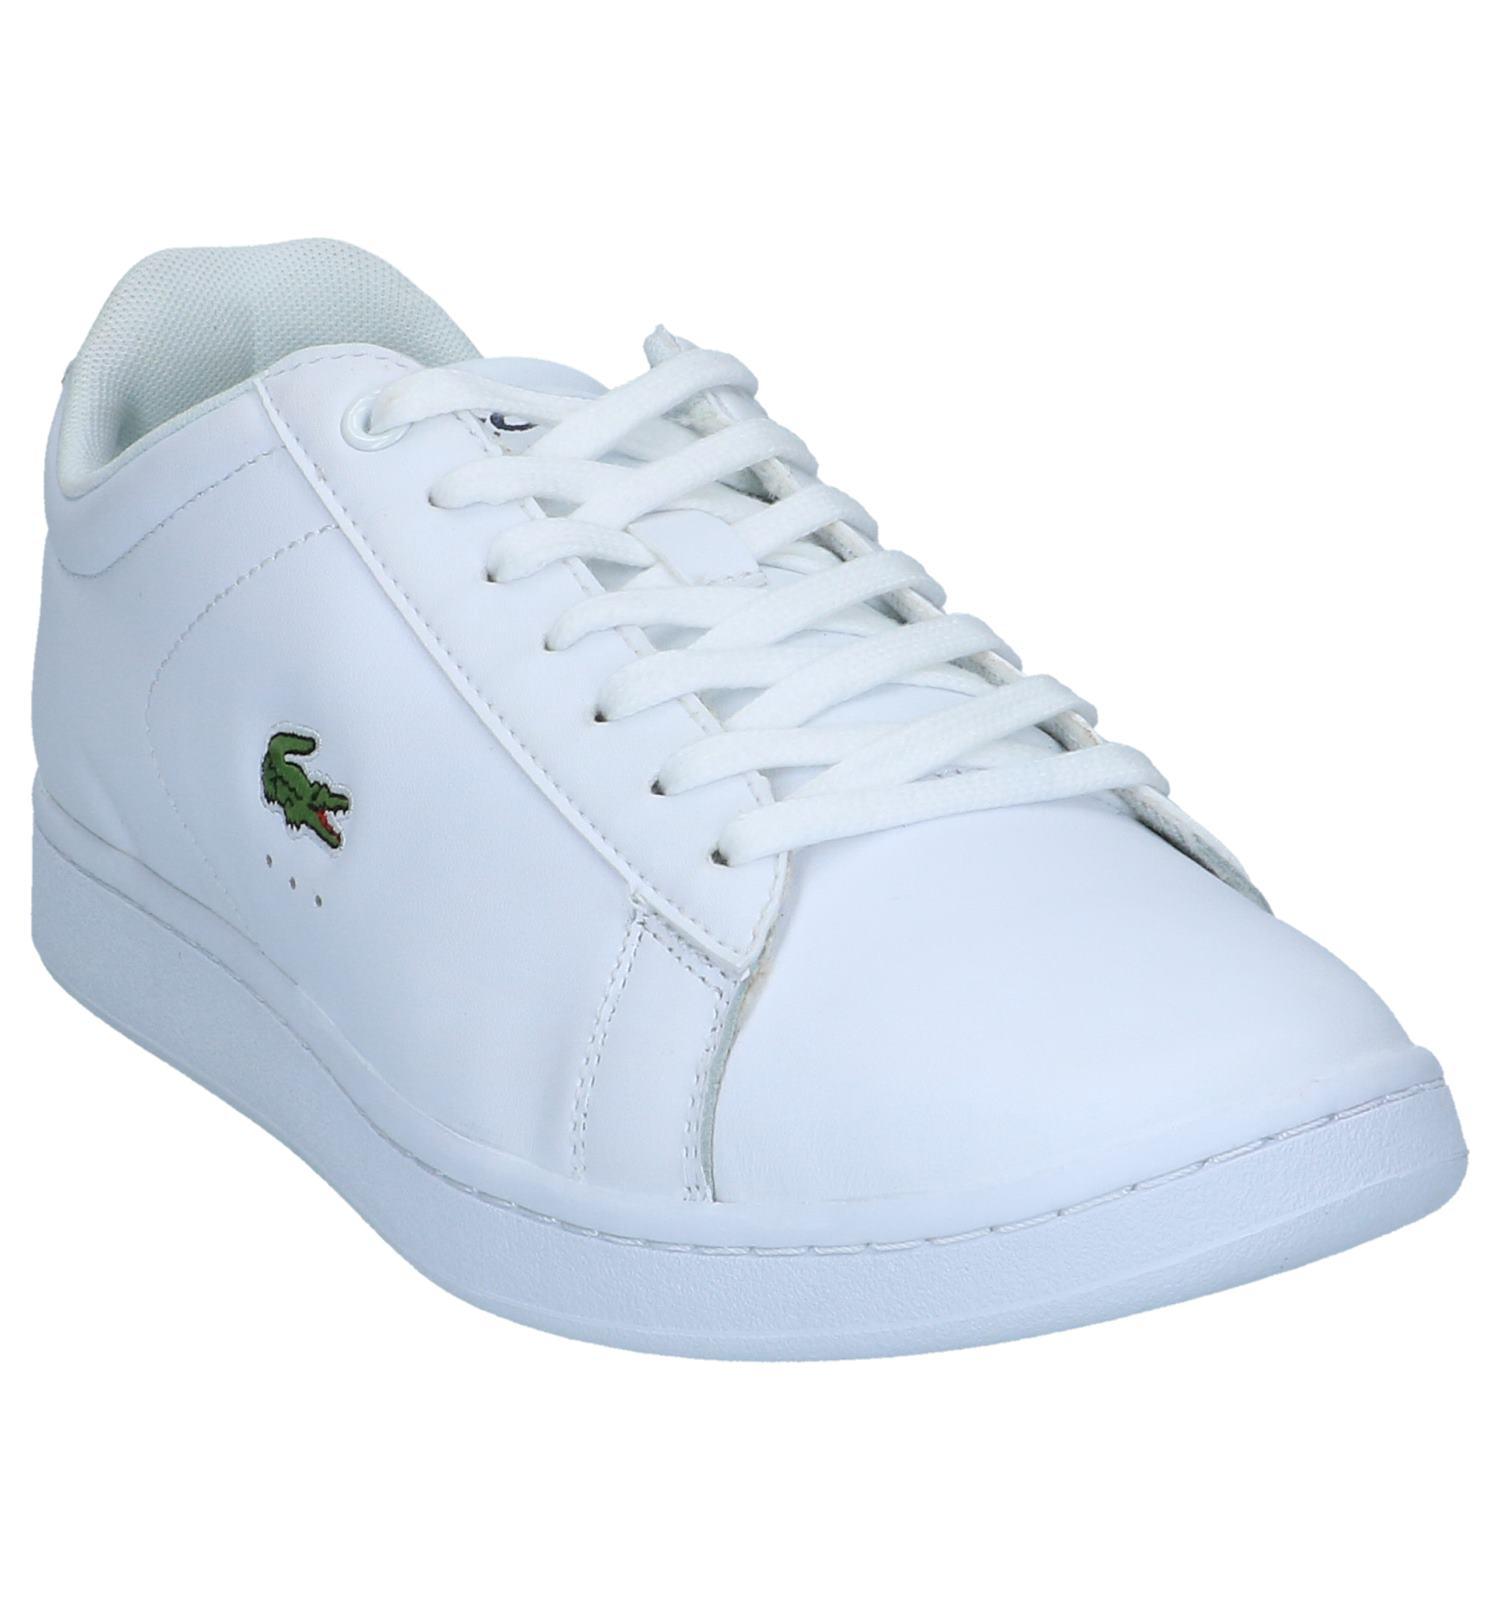 5b440951dae581 Witte Lage Sneakers Lacoste Carnaby Evo | TORFS.BE | Gratis verzend en  retour